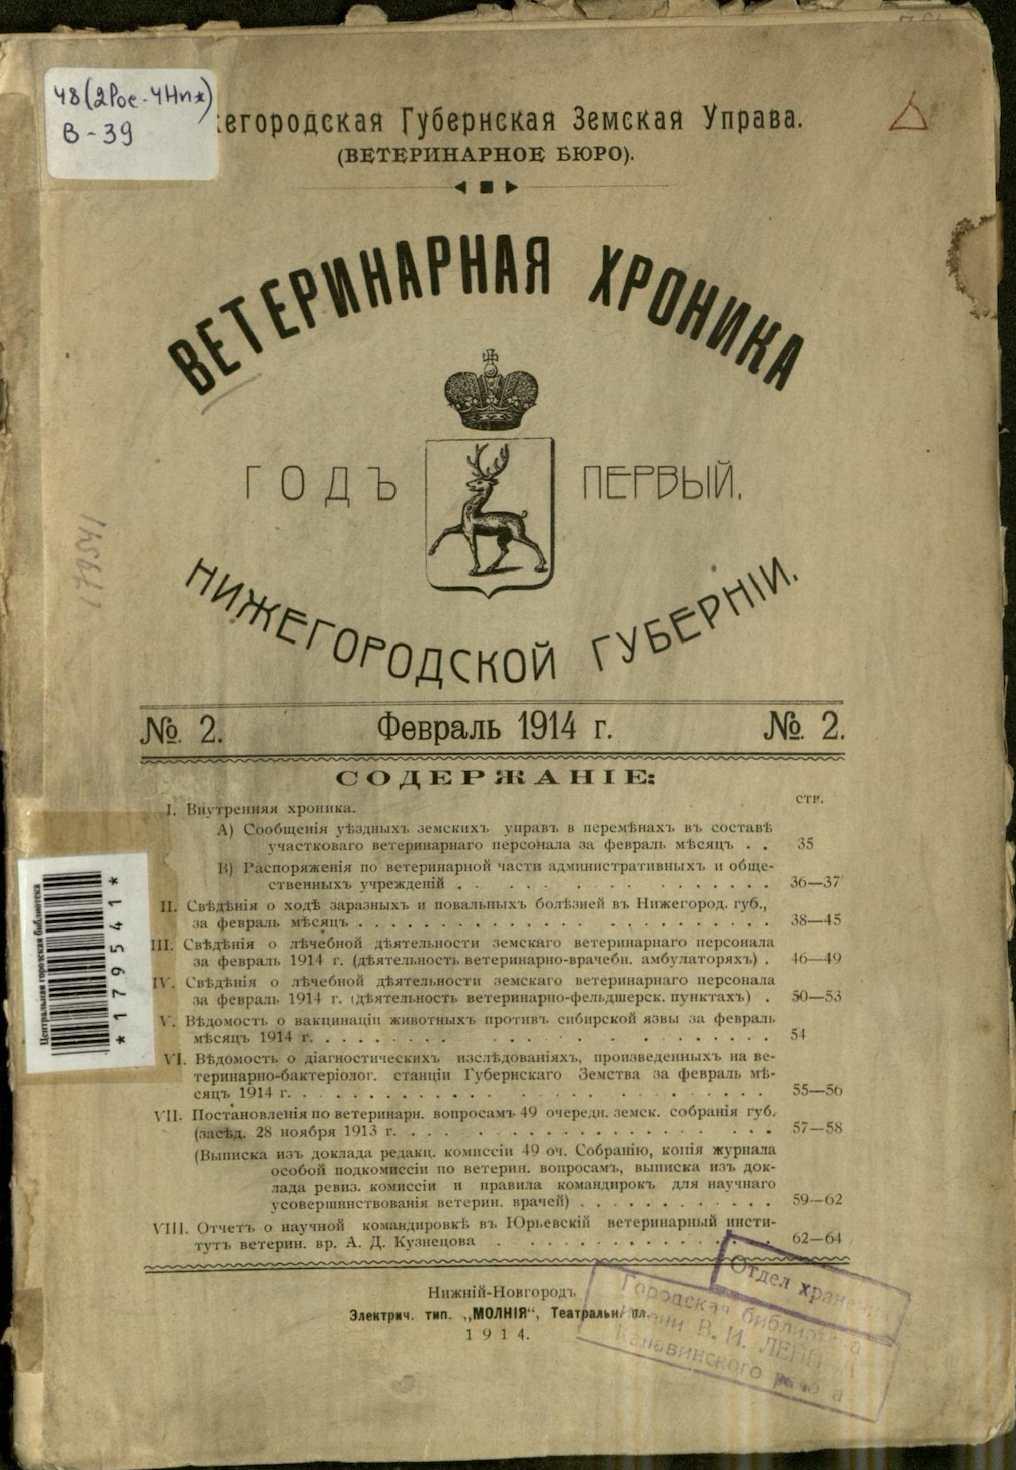 Ветеринарная хроника Нижегородской губерниии.  № 2 (февраль 1914)